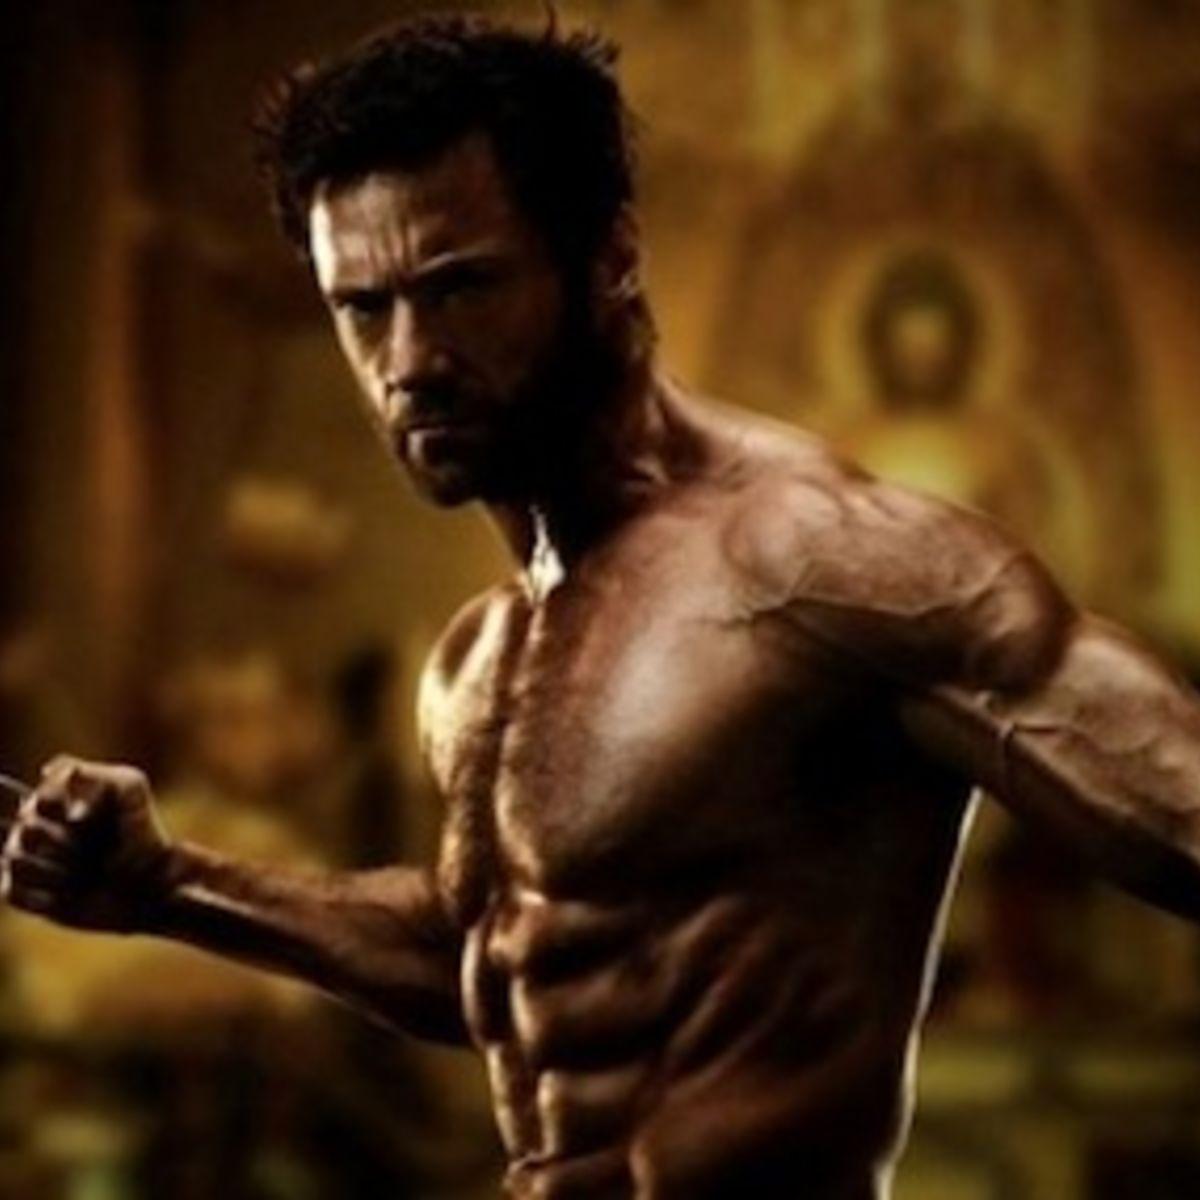 m_Crop-The-Wolverine-Hugh-Jackman-1.jpeg